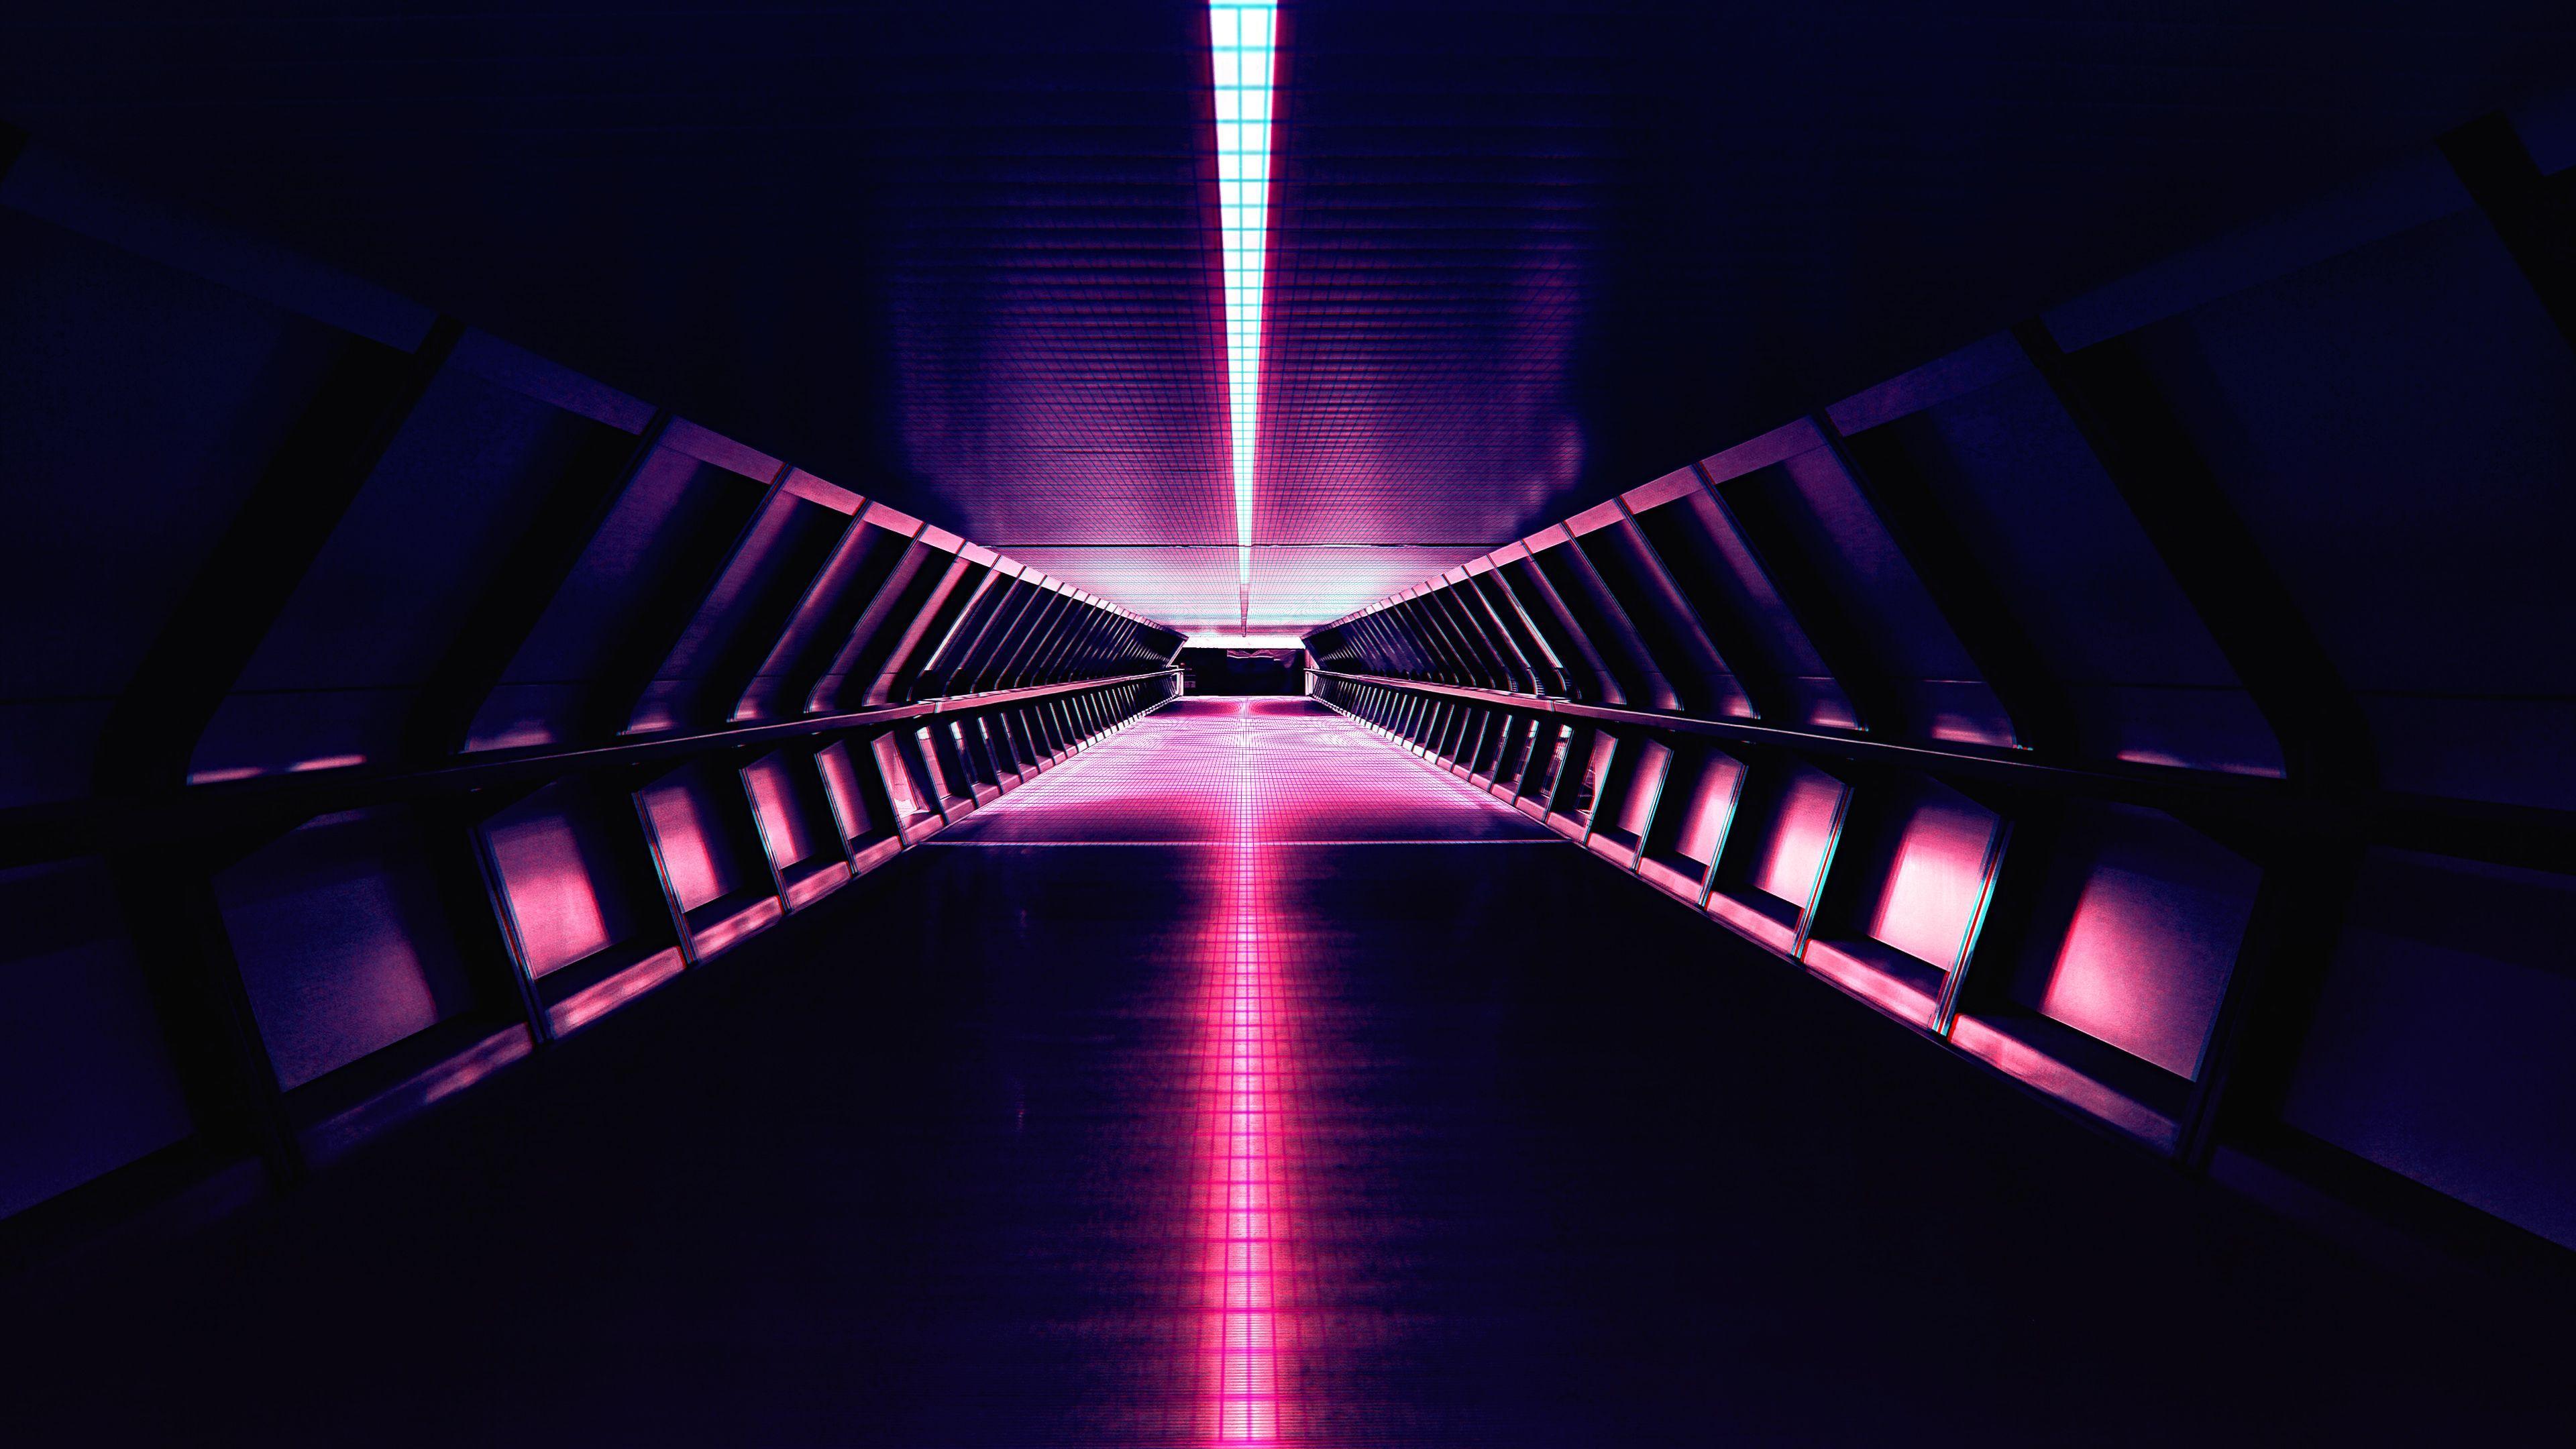 3840x2160 Hình nền Synthwave, Cổ điển, Nhạc điện tử, Đèn neon, Kiến trúc